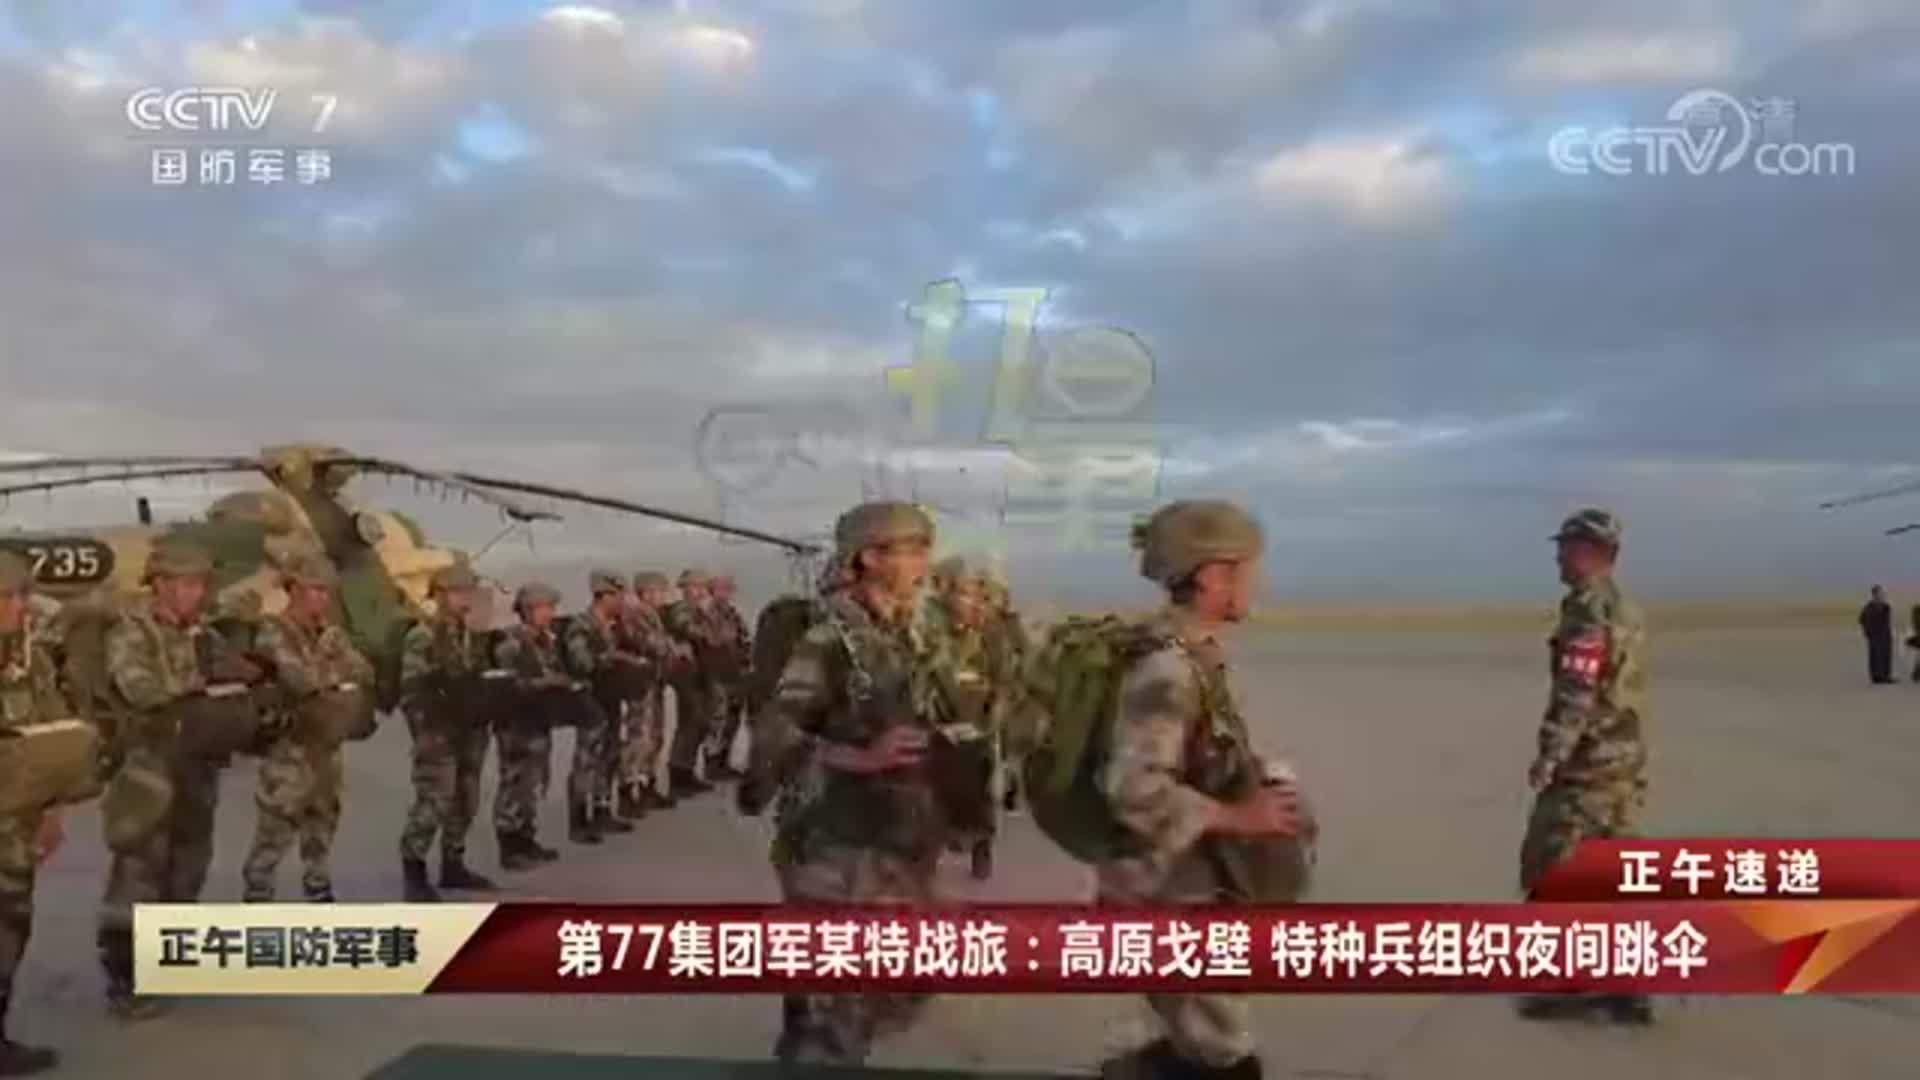 第77集团军某特战旅:高原戈壁,特种兵组织夜间跳伞